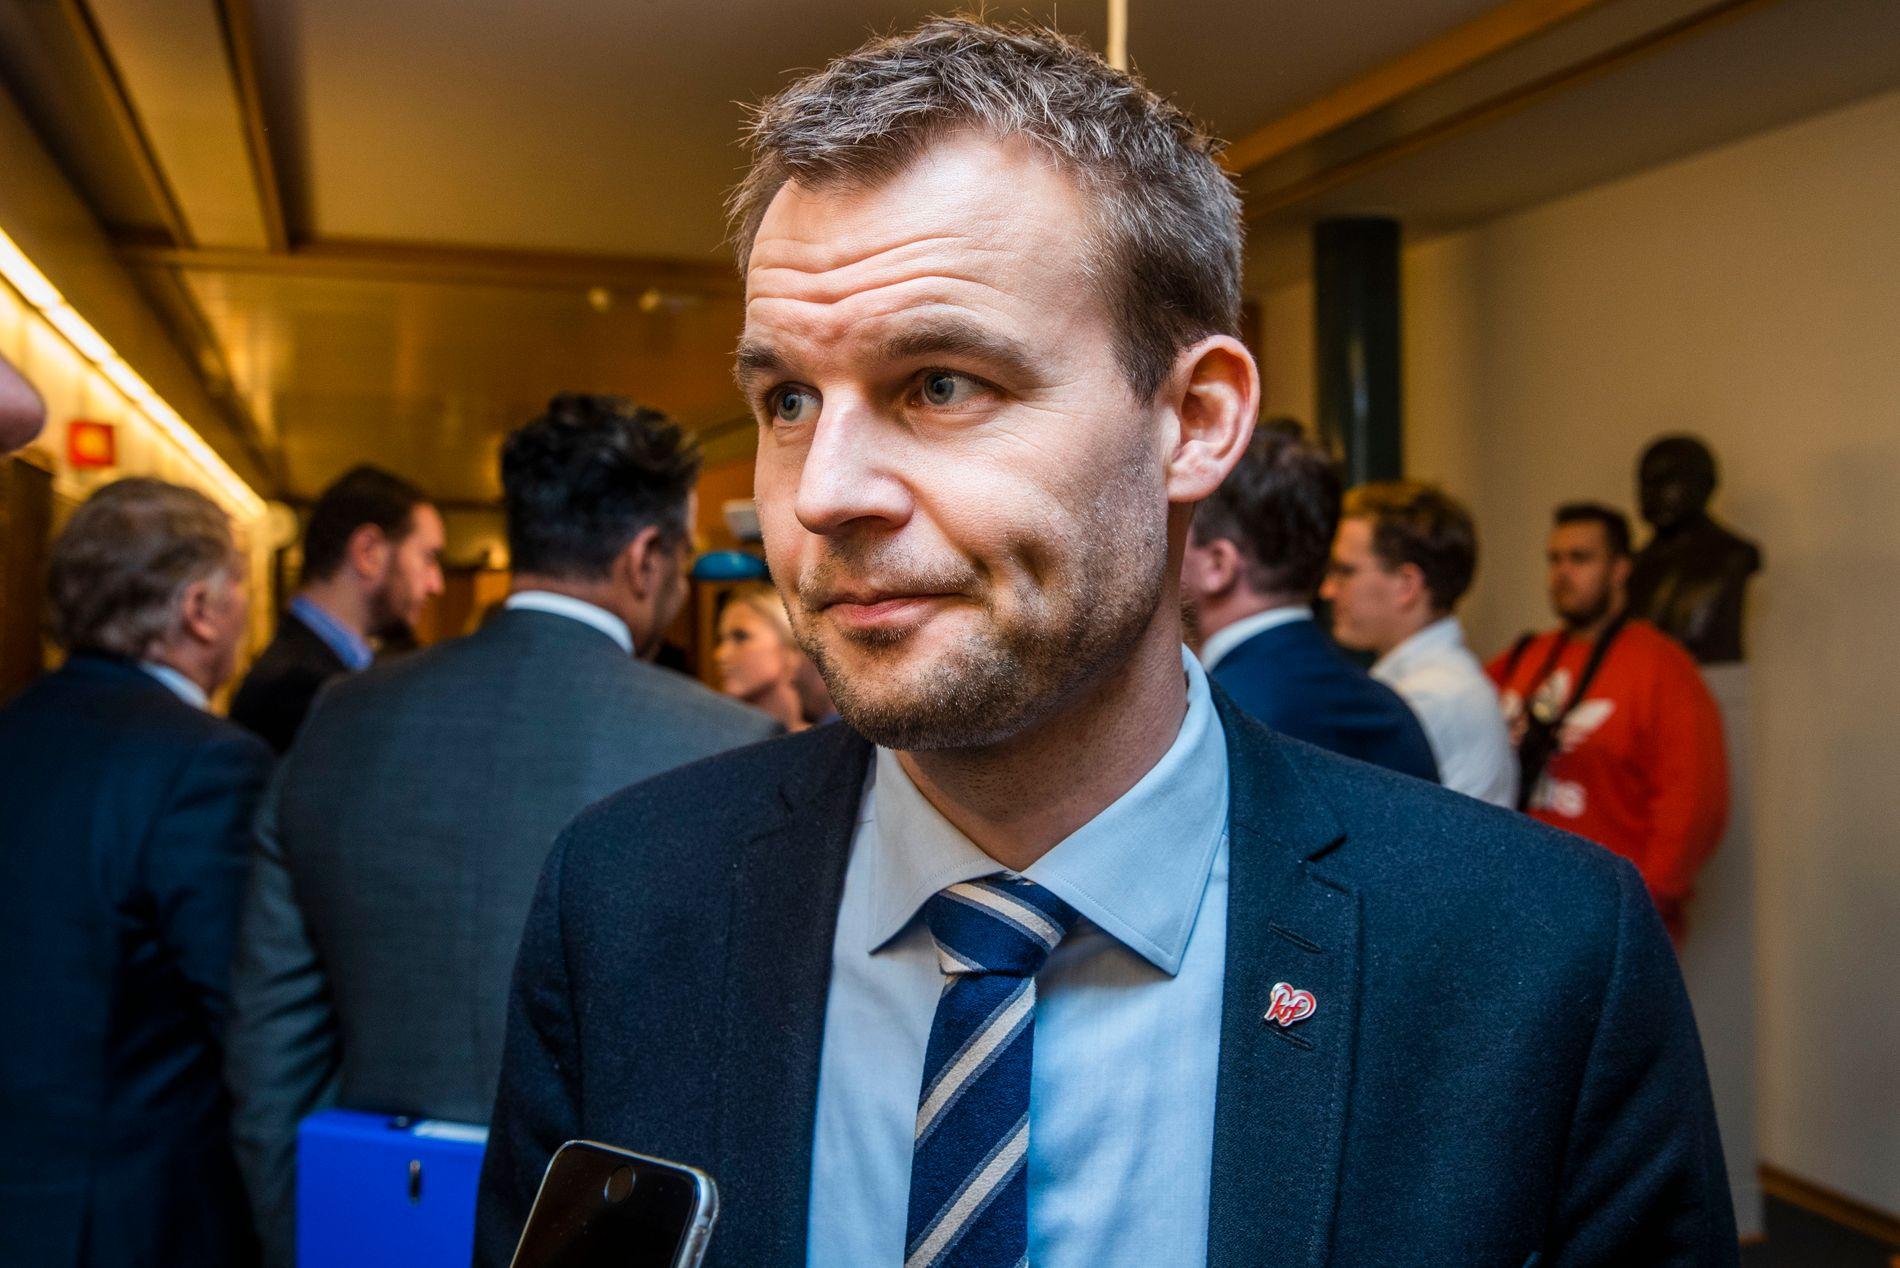 IKKE UNATURLIG: Nestleder Kjell Ingolf Ropstad i KrF mener det ikke er unaturlig at noen er usikre på veien videre, men håper de fleste blir.